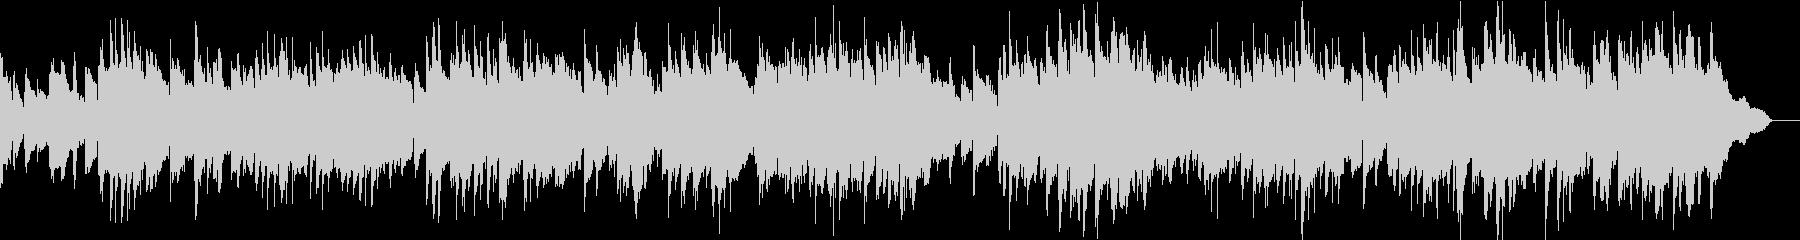 G線上のアリア/バッハ・アコギの未再生の波形